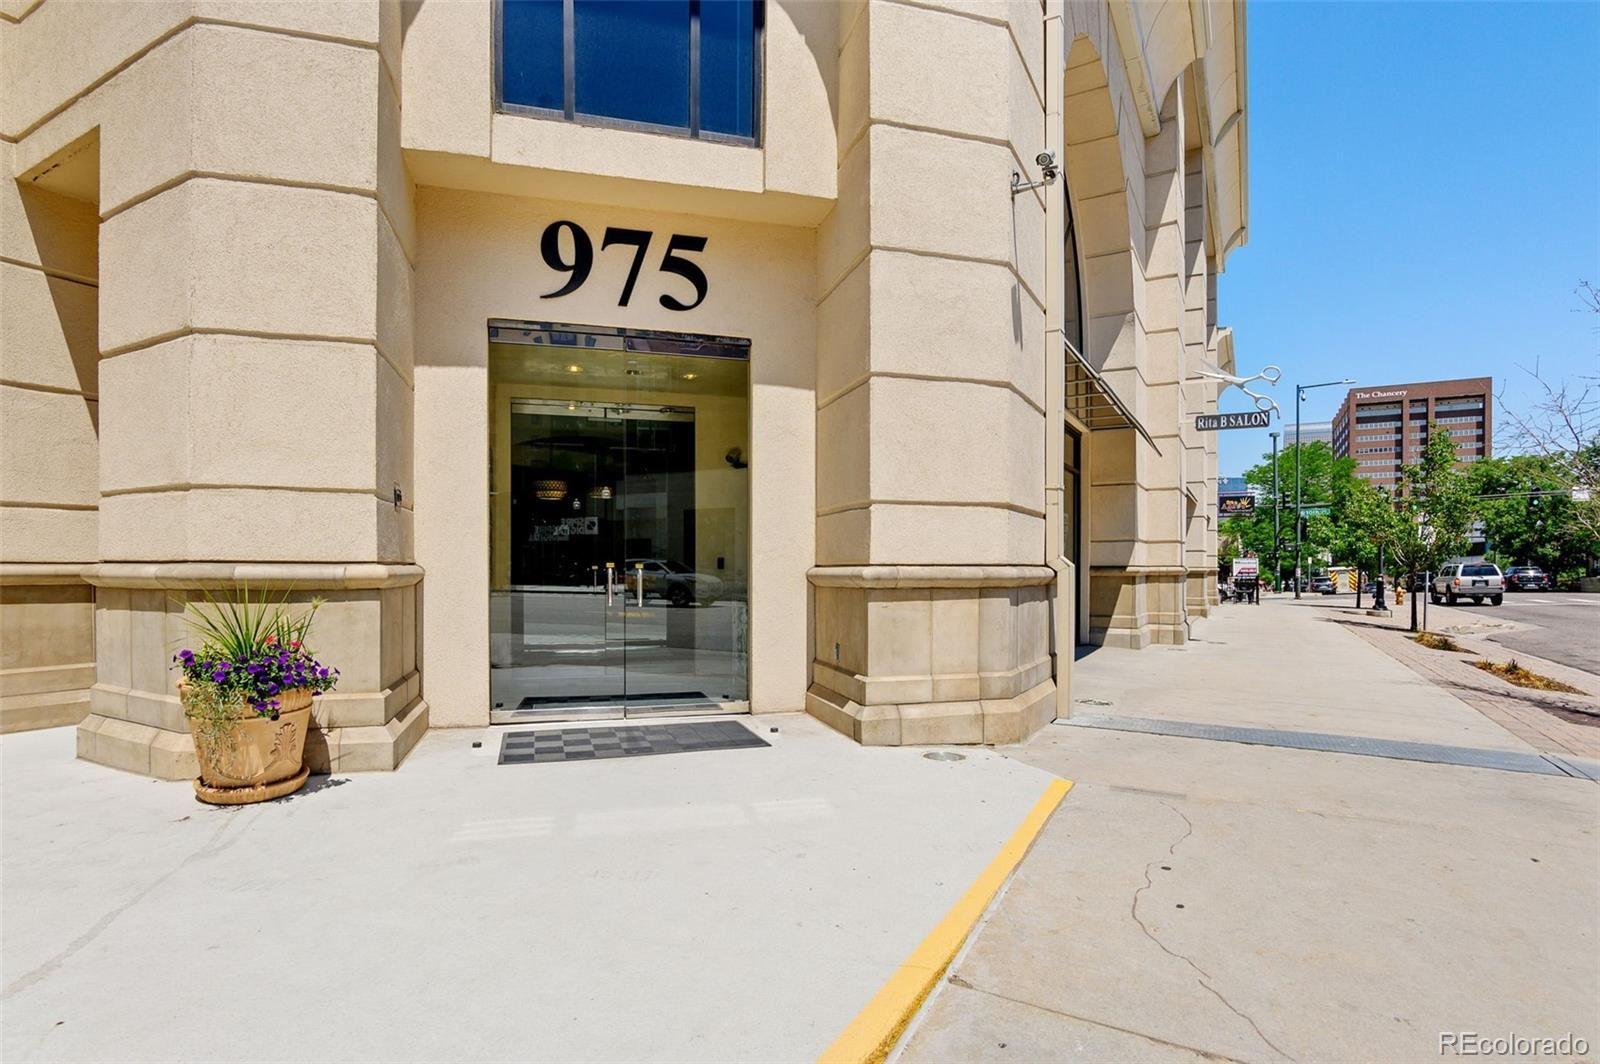 Photo of 975 N Lincoln Street #8E-N, Denver, CO 80203 (MLS # 8338192)